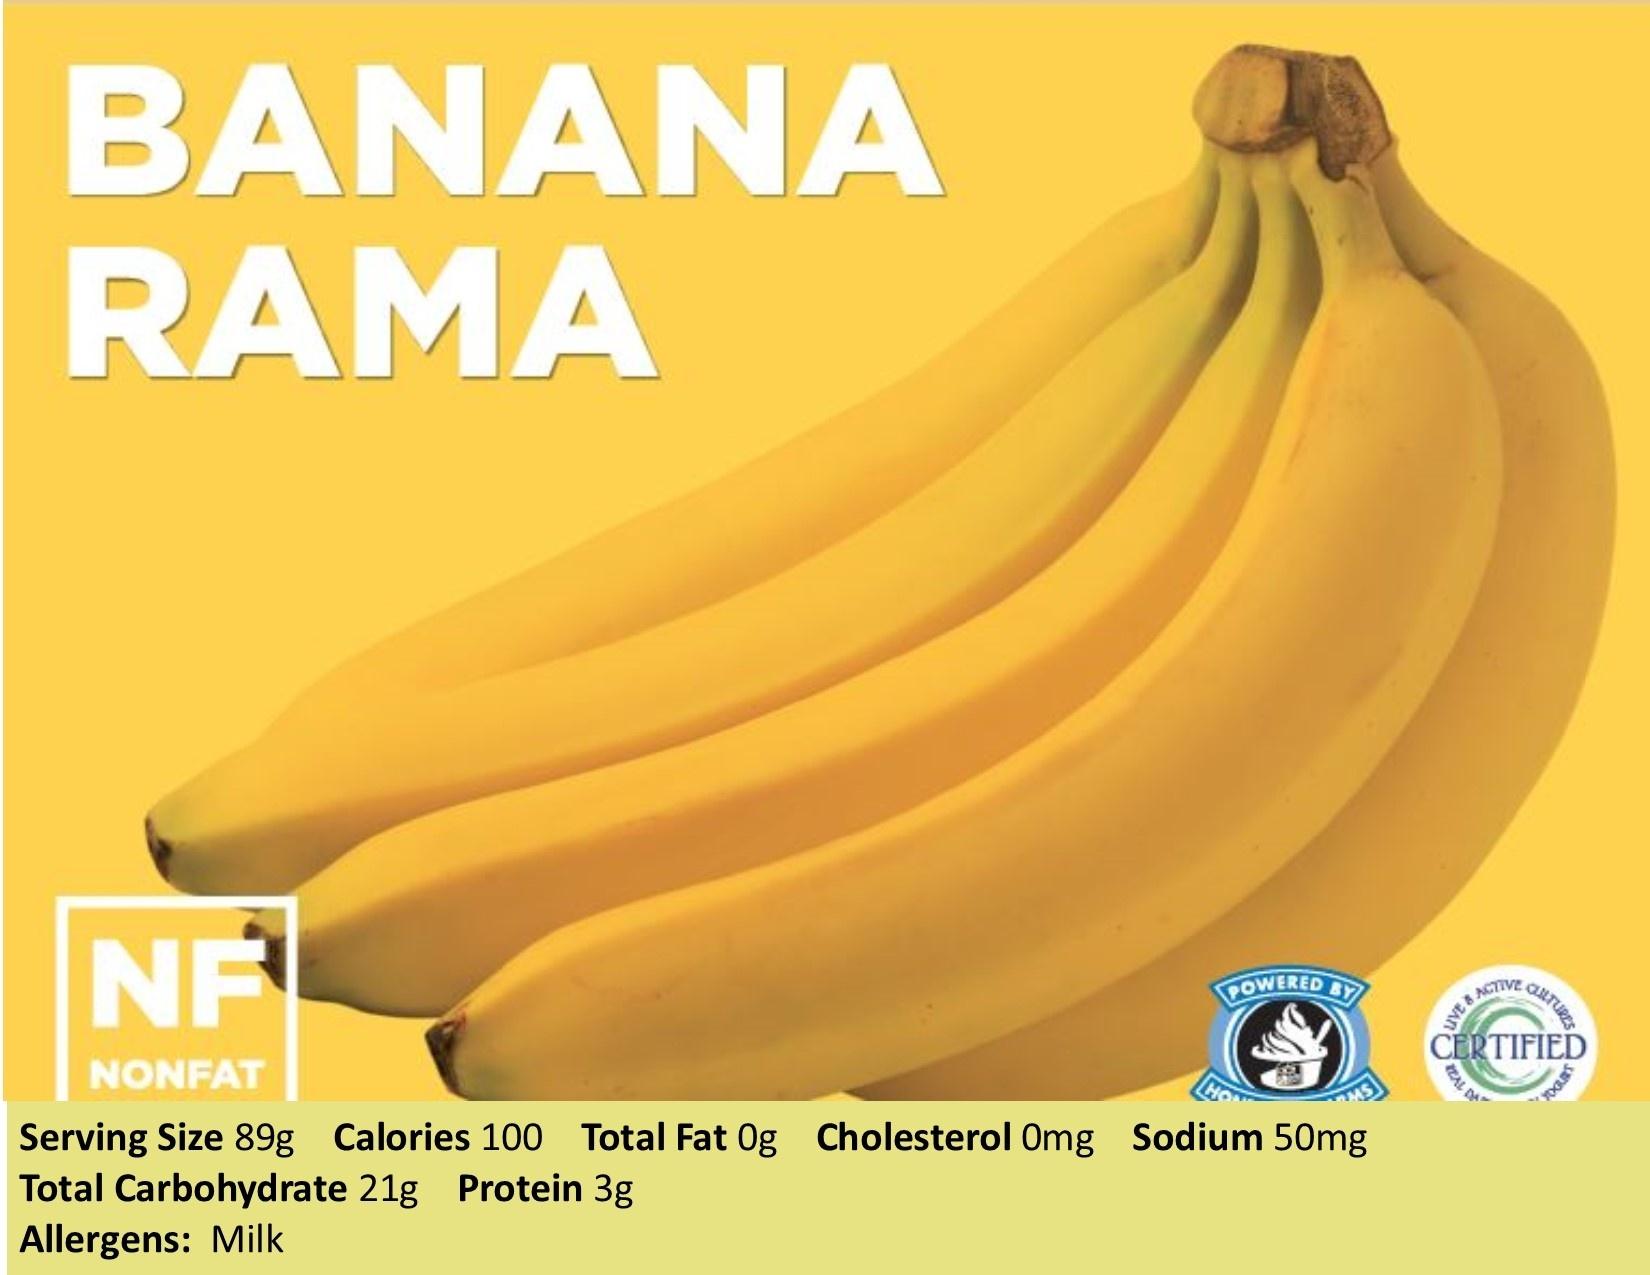 https://0201.nccdn.net/1_2/000/000/180/664/Banana-Rama-NF-1650x1275-1650x1275.jpg